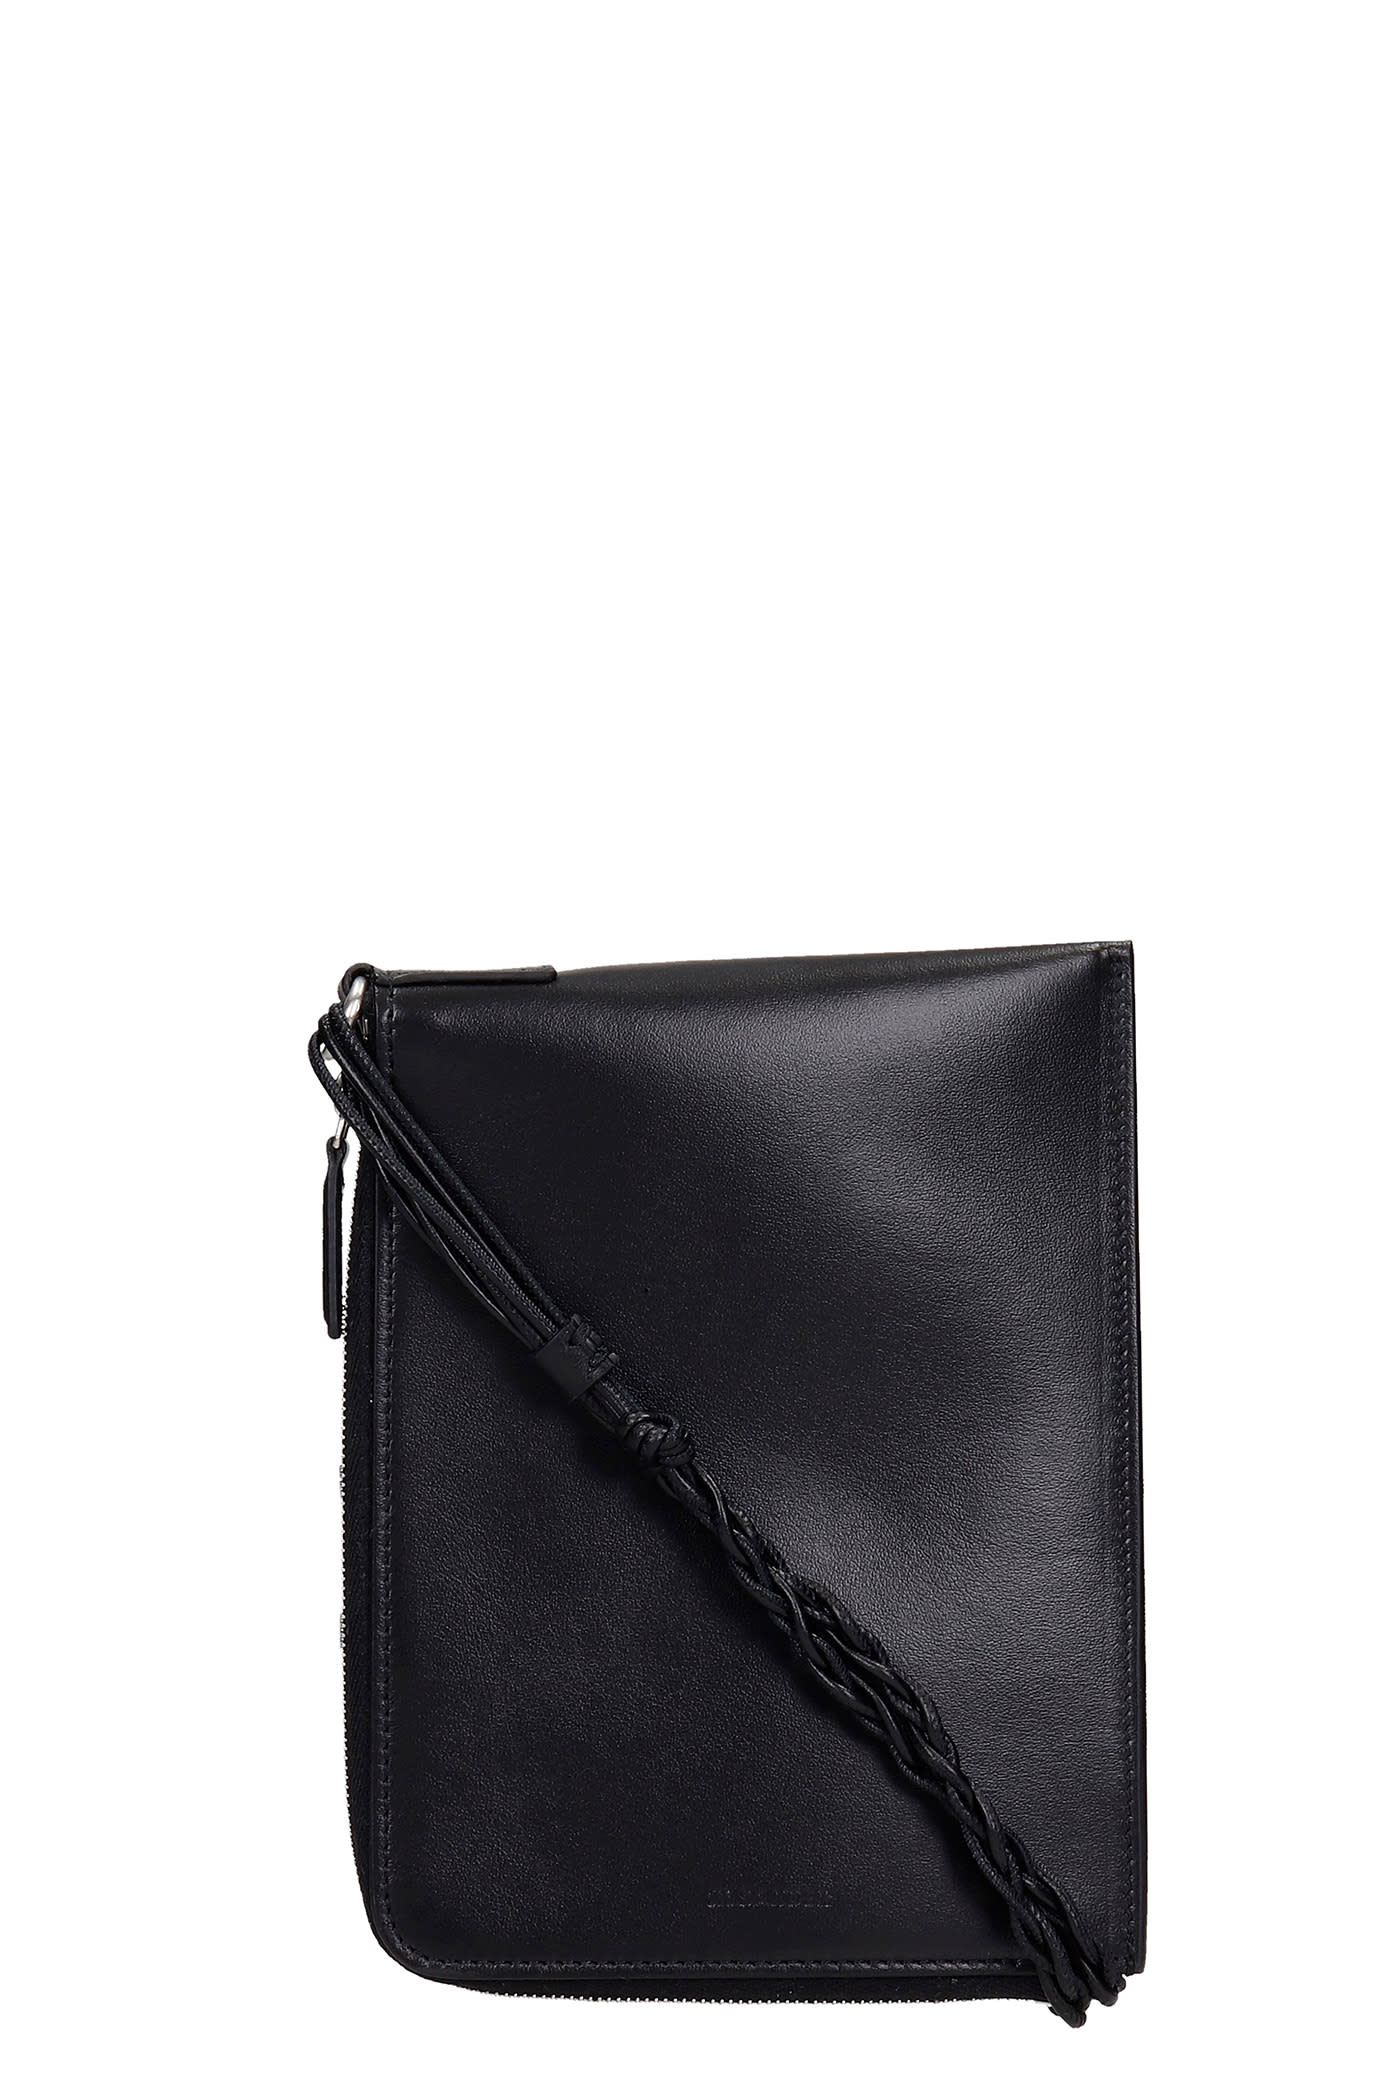 Jil Sander Shoulder Bag In Black Leather